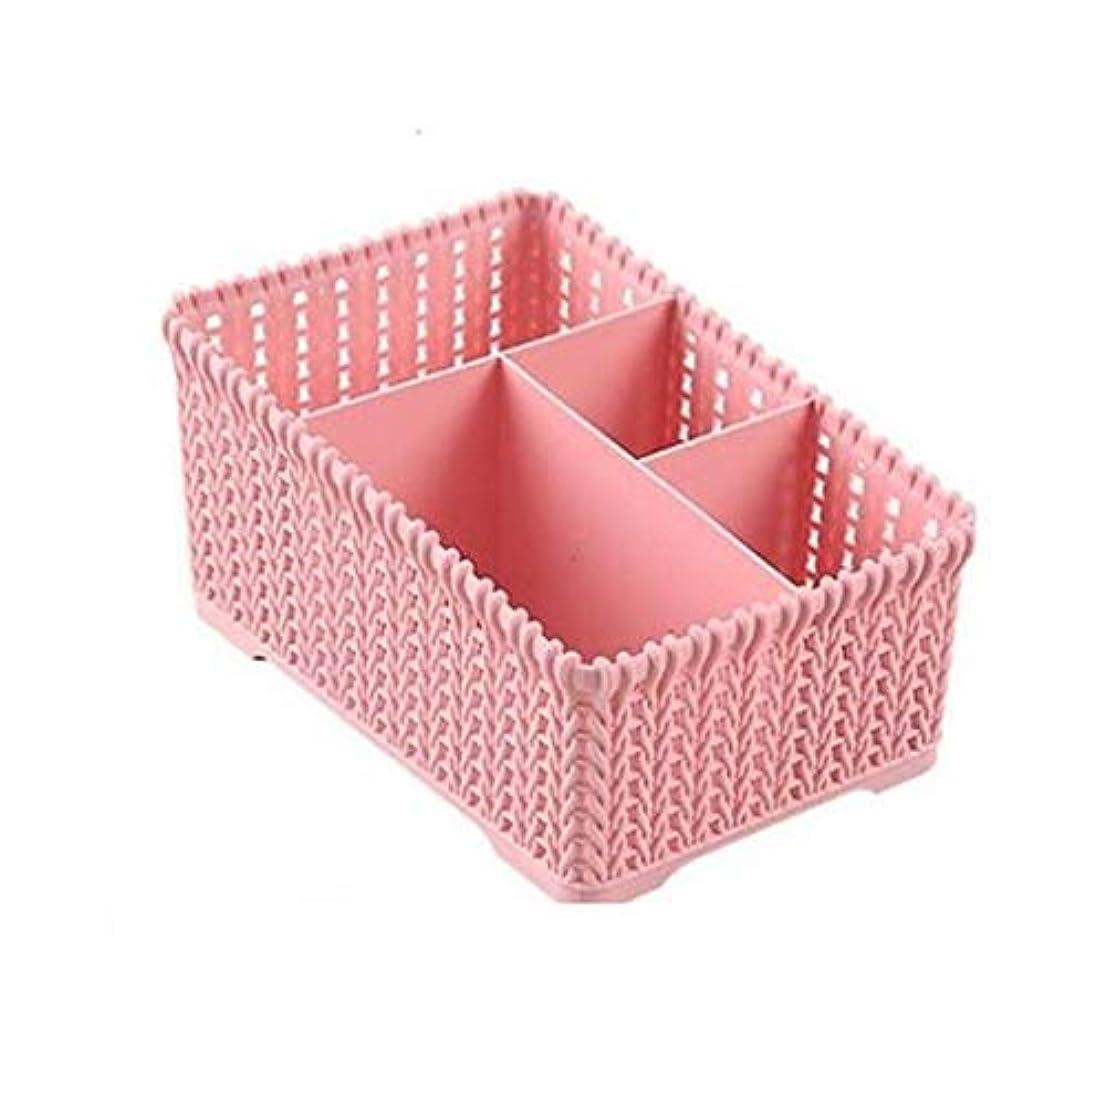 フットボール貧困質素なプラスチックデスクトップ収納ボックスコンパートメント籐オフィスデブリ収納化粧品ラック (Color : Pink)